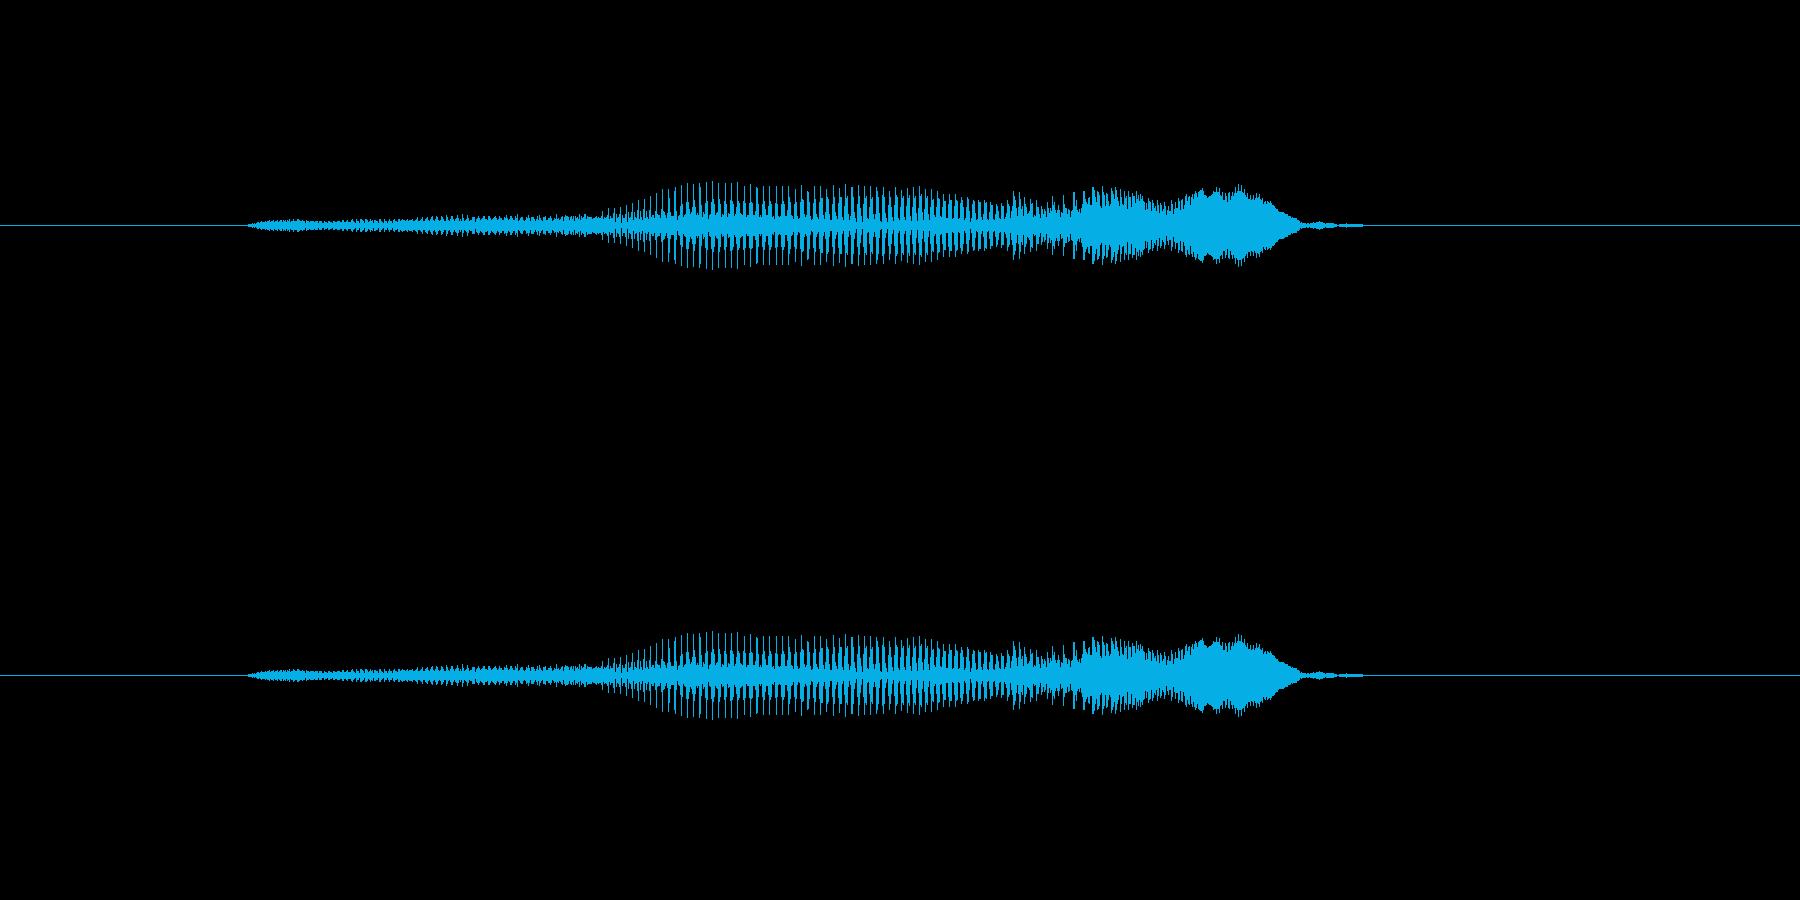 ニャー_猫声-08の再生済みの波形